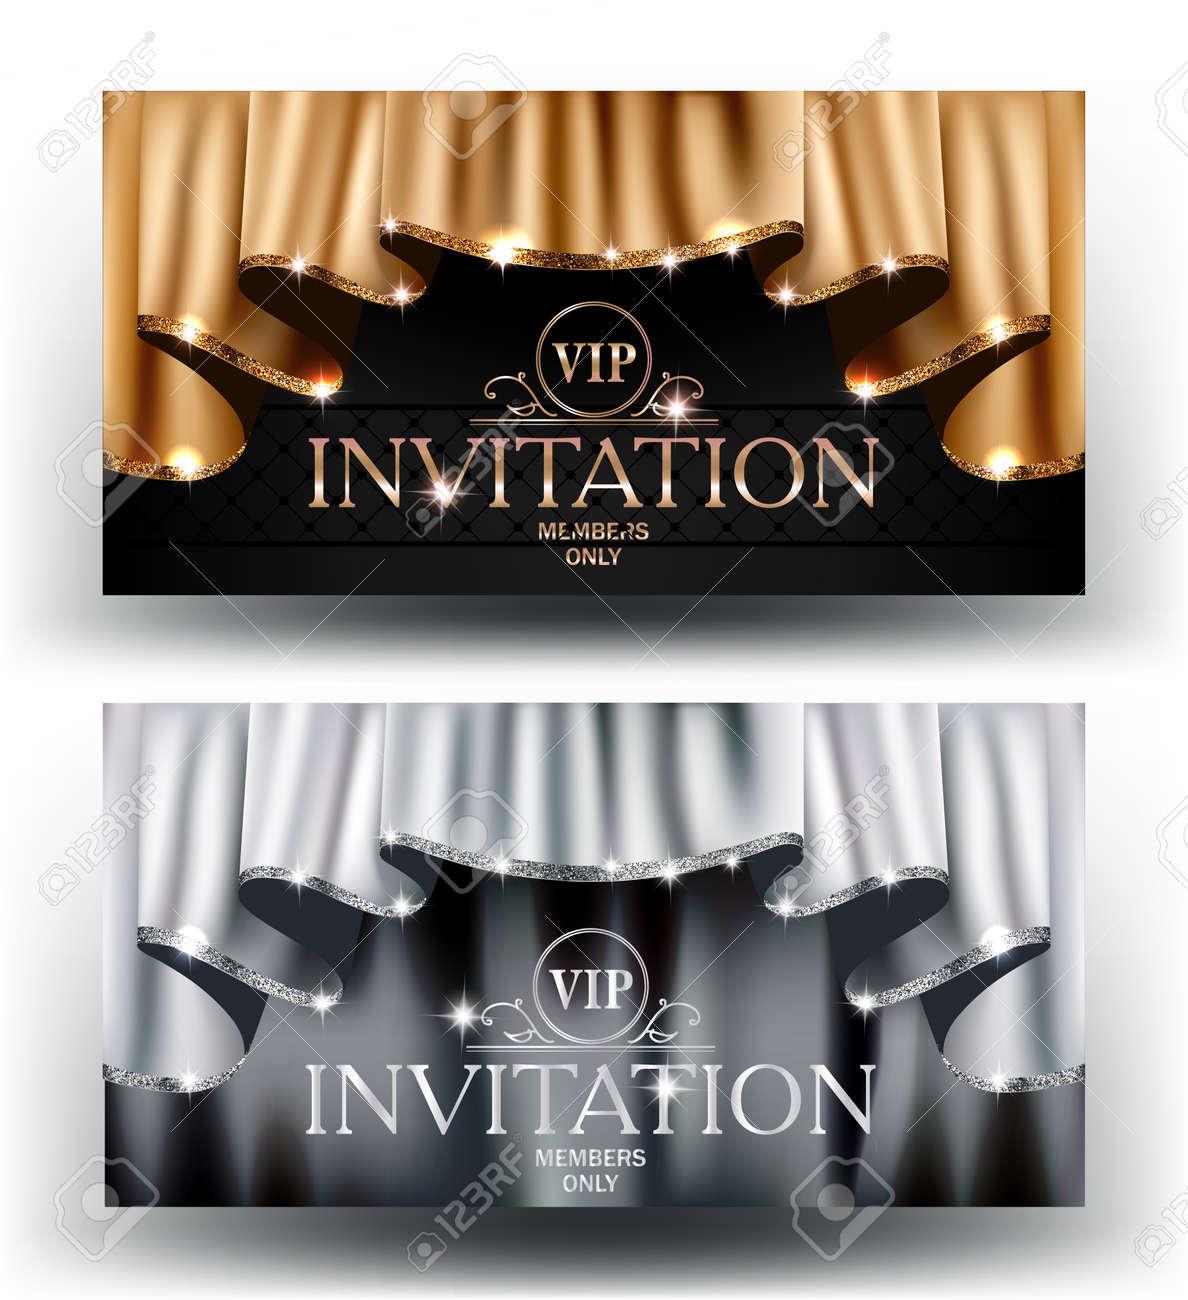 Tarjetas De Invitación Vip De Oro Y Plata Con Cortinas Con Borde Resplandeciente Ilustración Vectorial